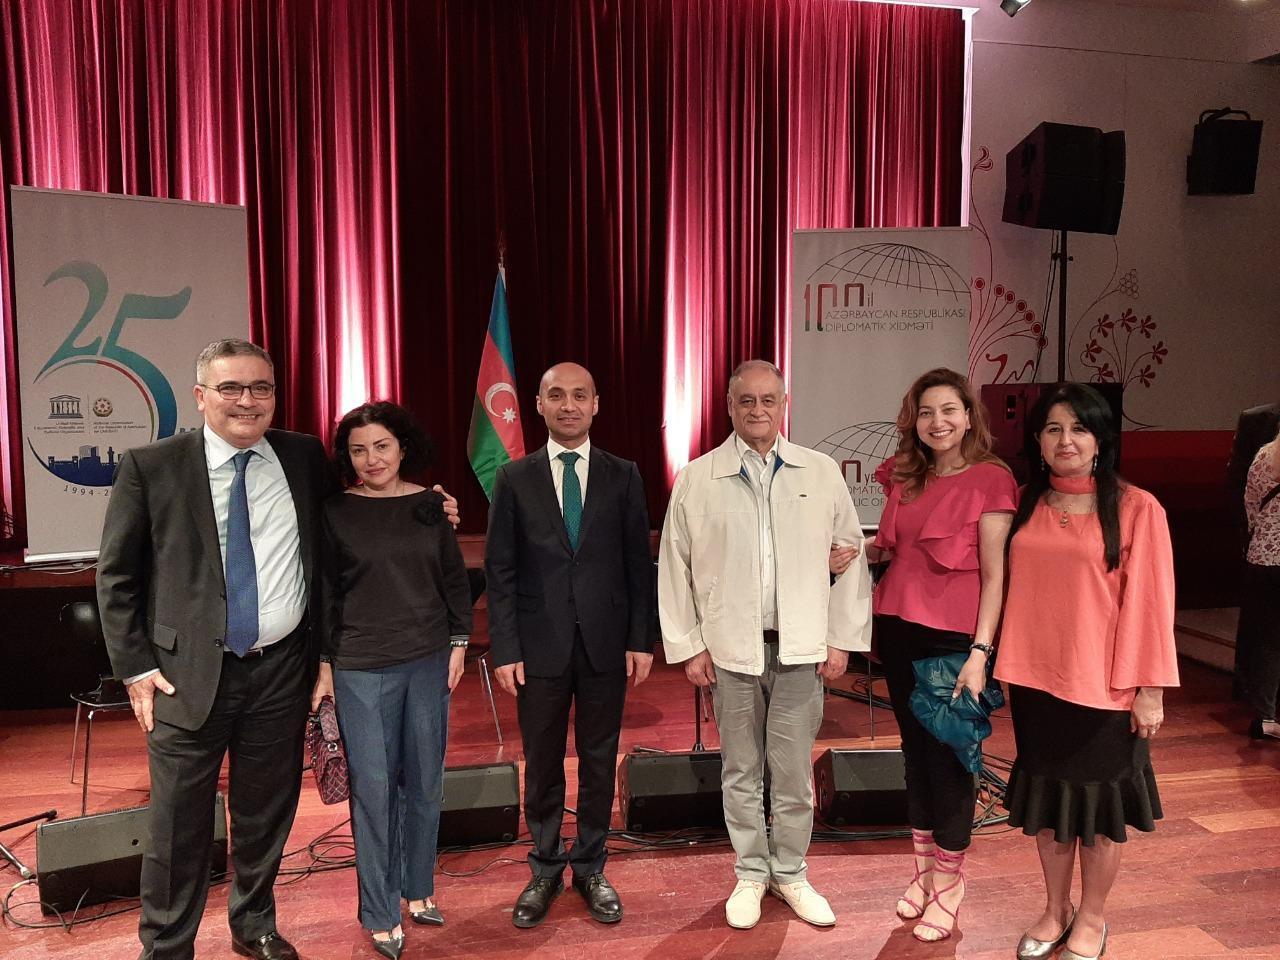 В Брюсселе провели научный коллоквиум «Имадеддин Насими и мировая литература»